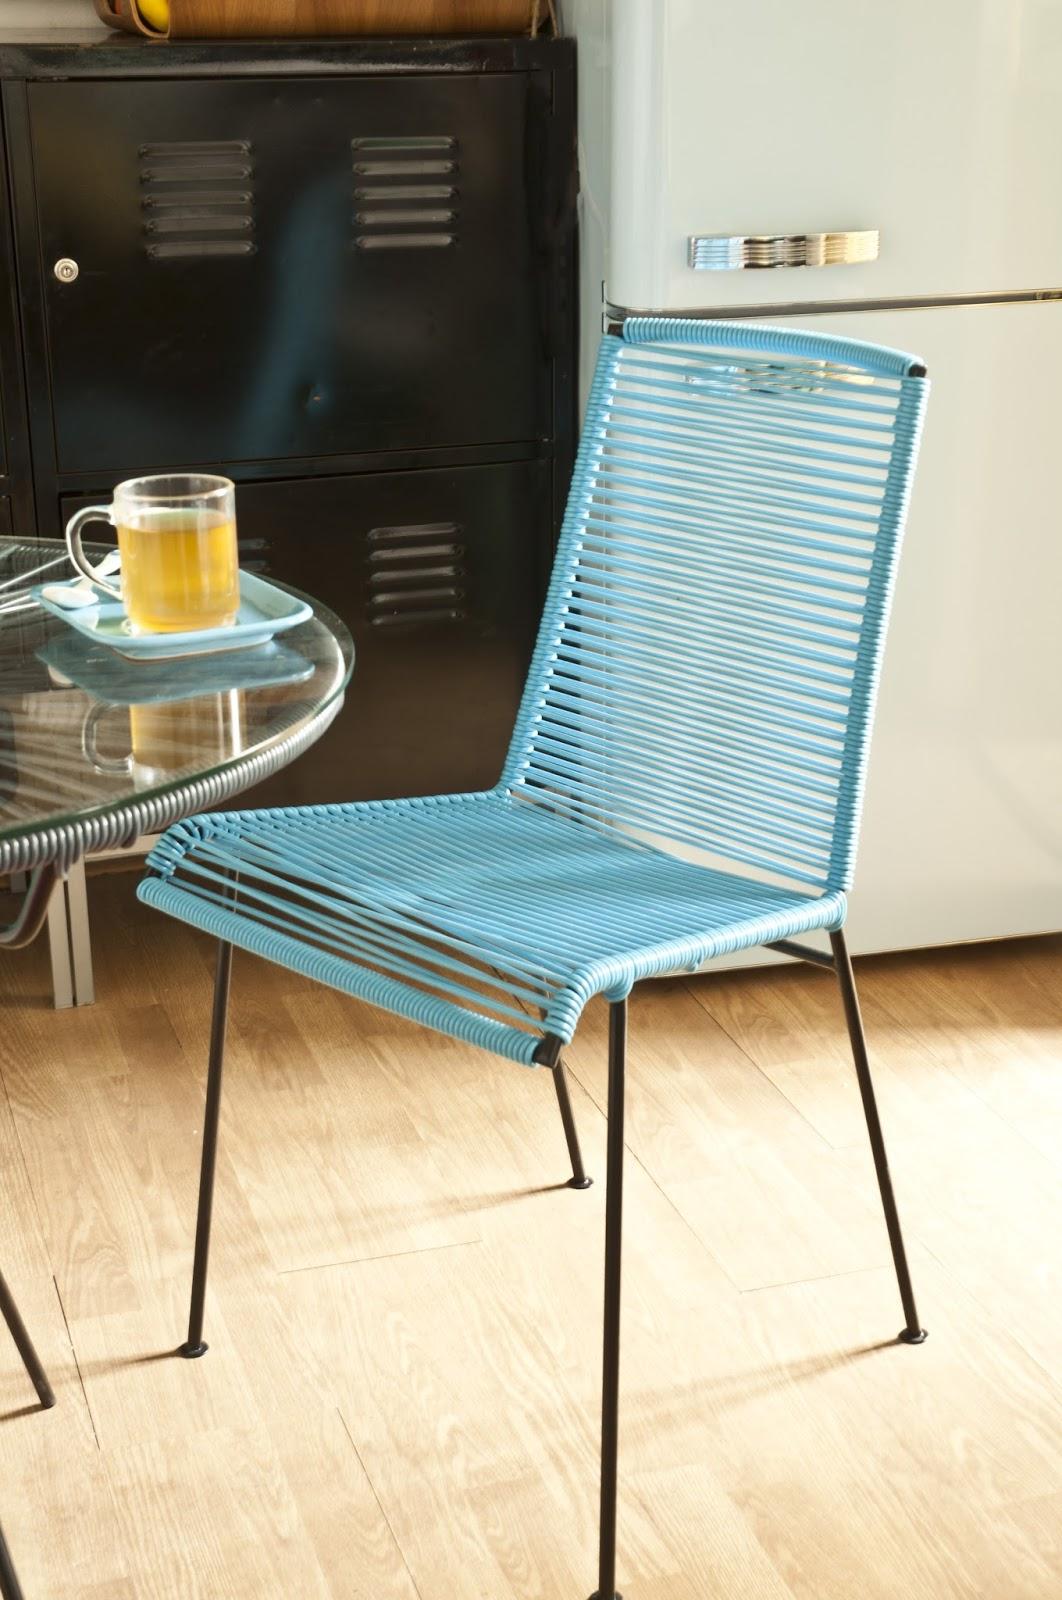 cette premire chaise reste assez classique on peut observer une chaise dans une forme assez basique et simple mais avec la particularit du tressage - Des Chaises